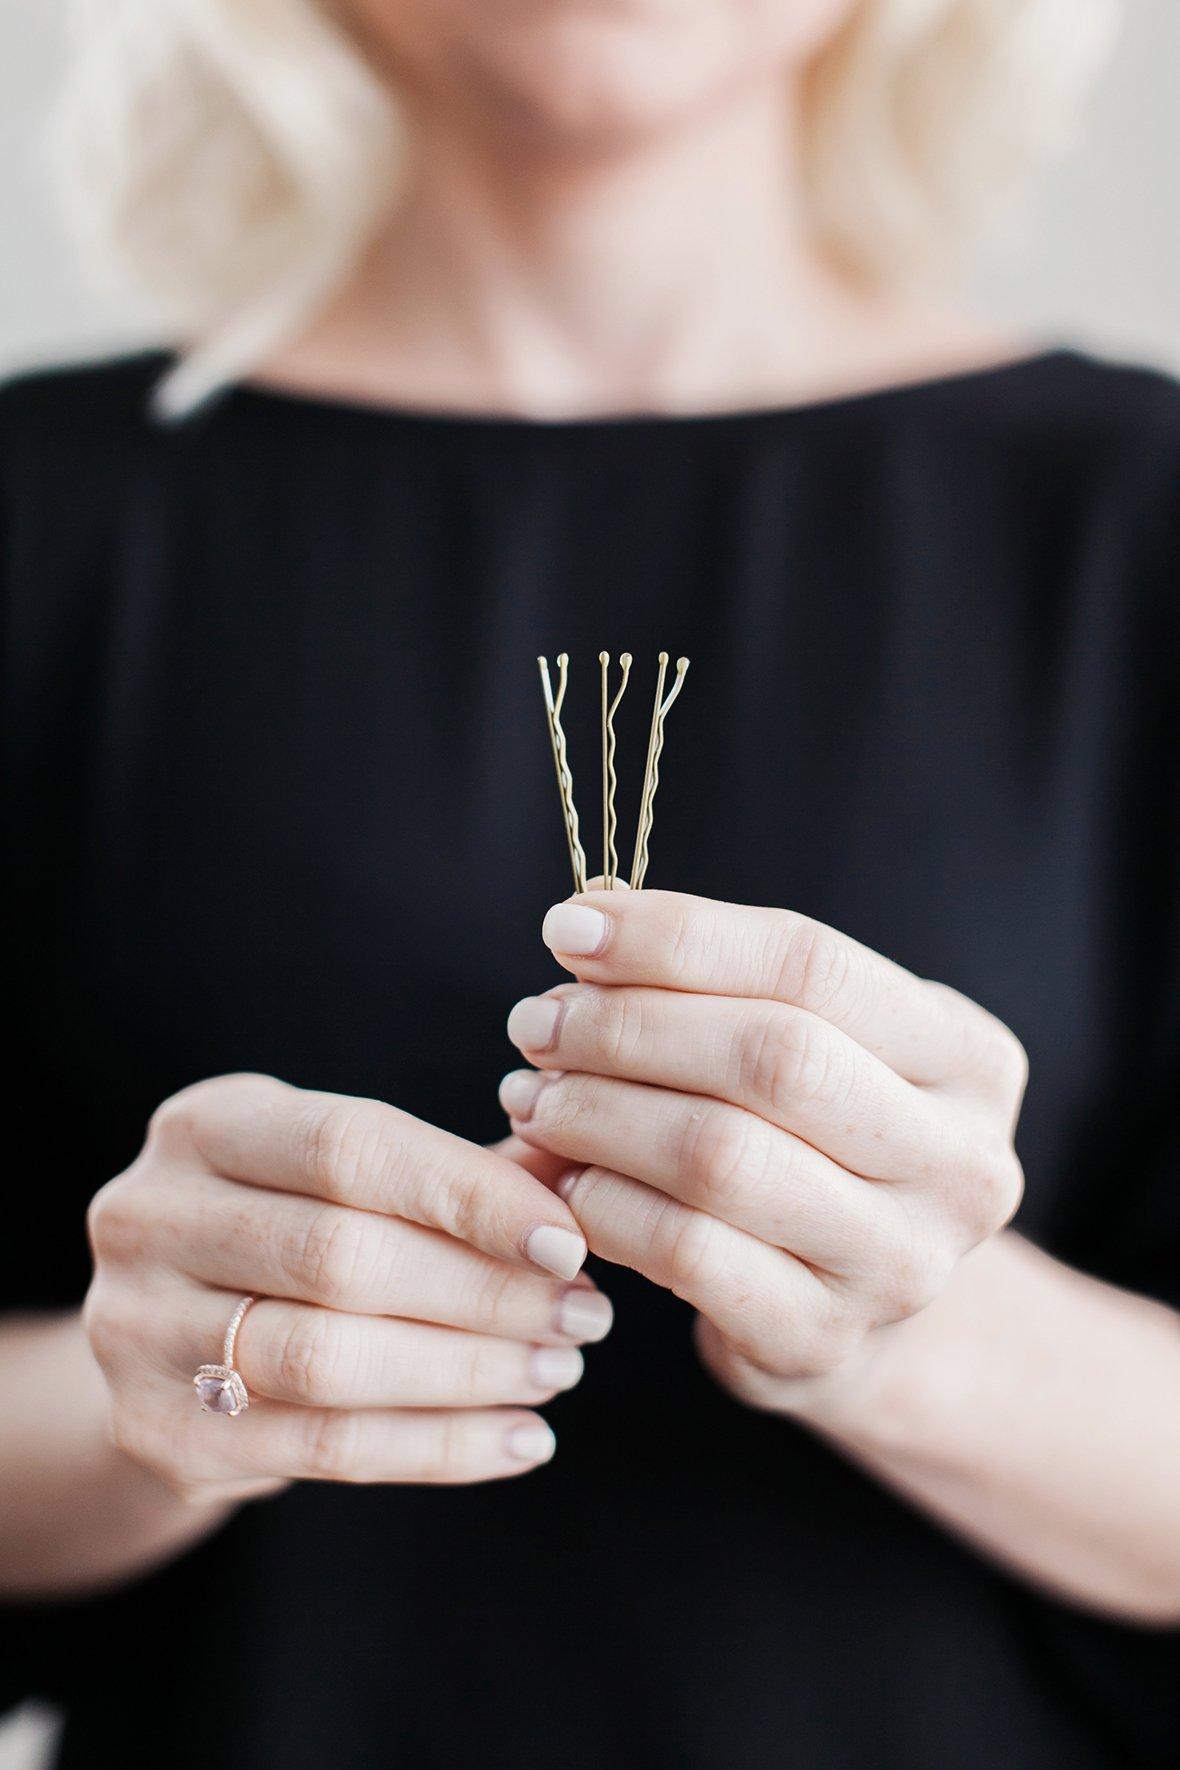 Einfache Flechtfrisuren für Anfänger: Schritt für Schritt einen seitlichen Zopf flechten